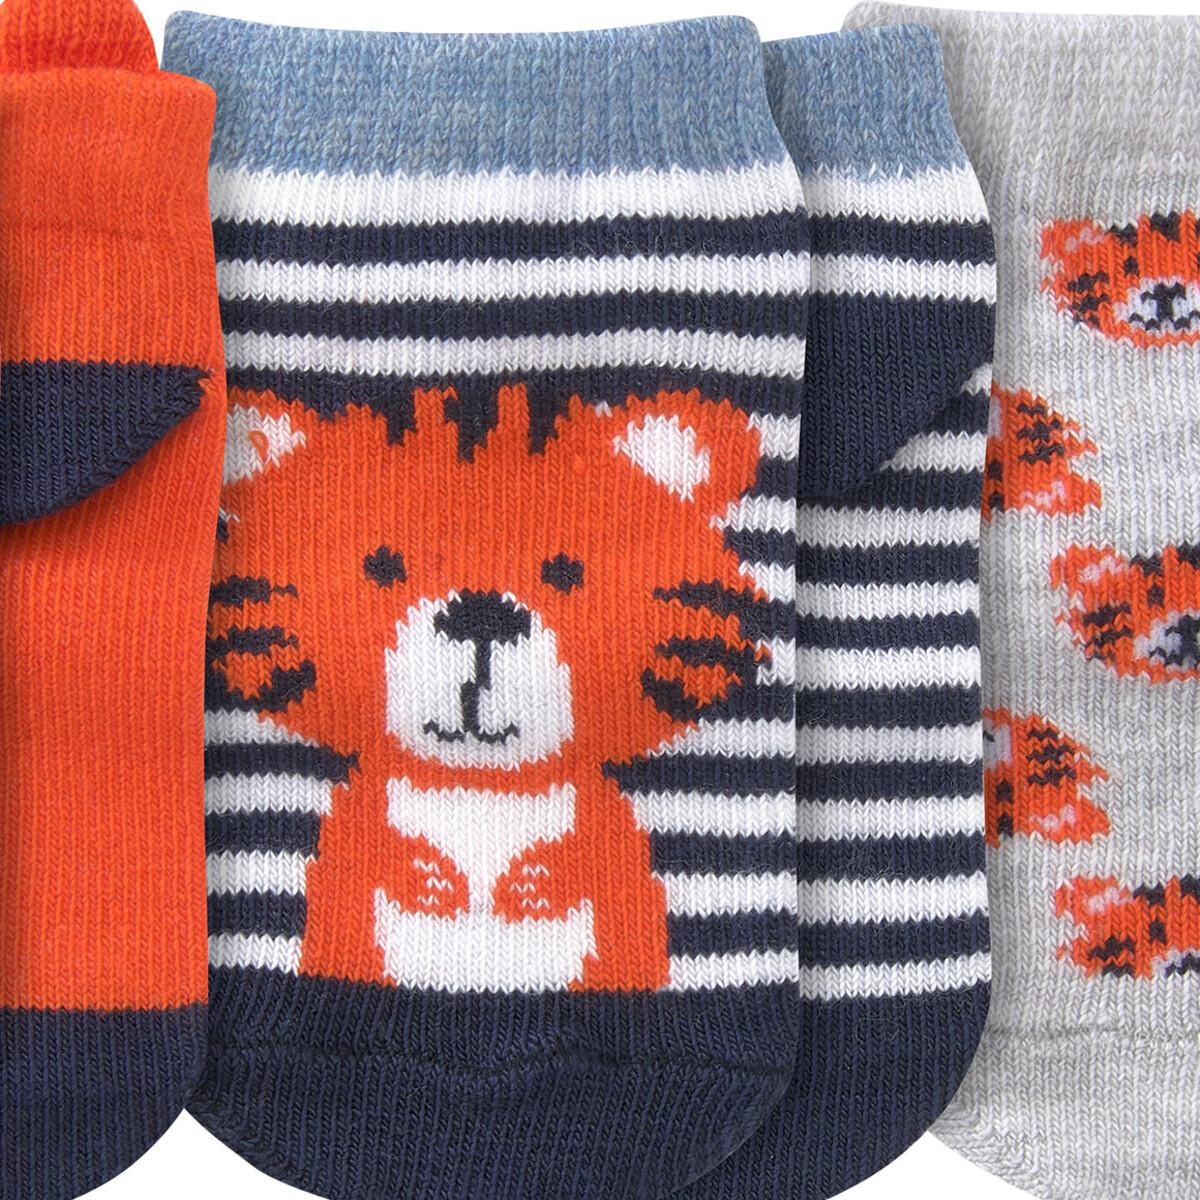 Bild 3 von 3 Paar Baby Sneaker-Socken mit Tiger-Motiv